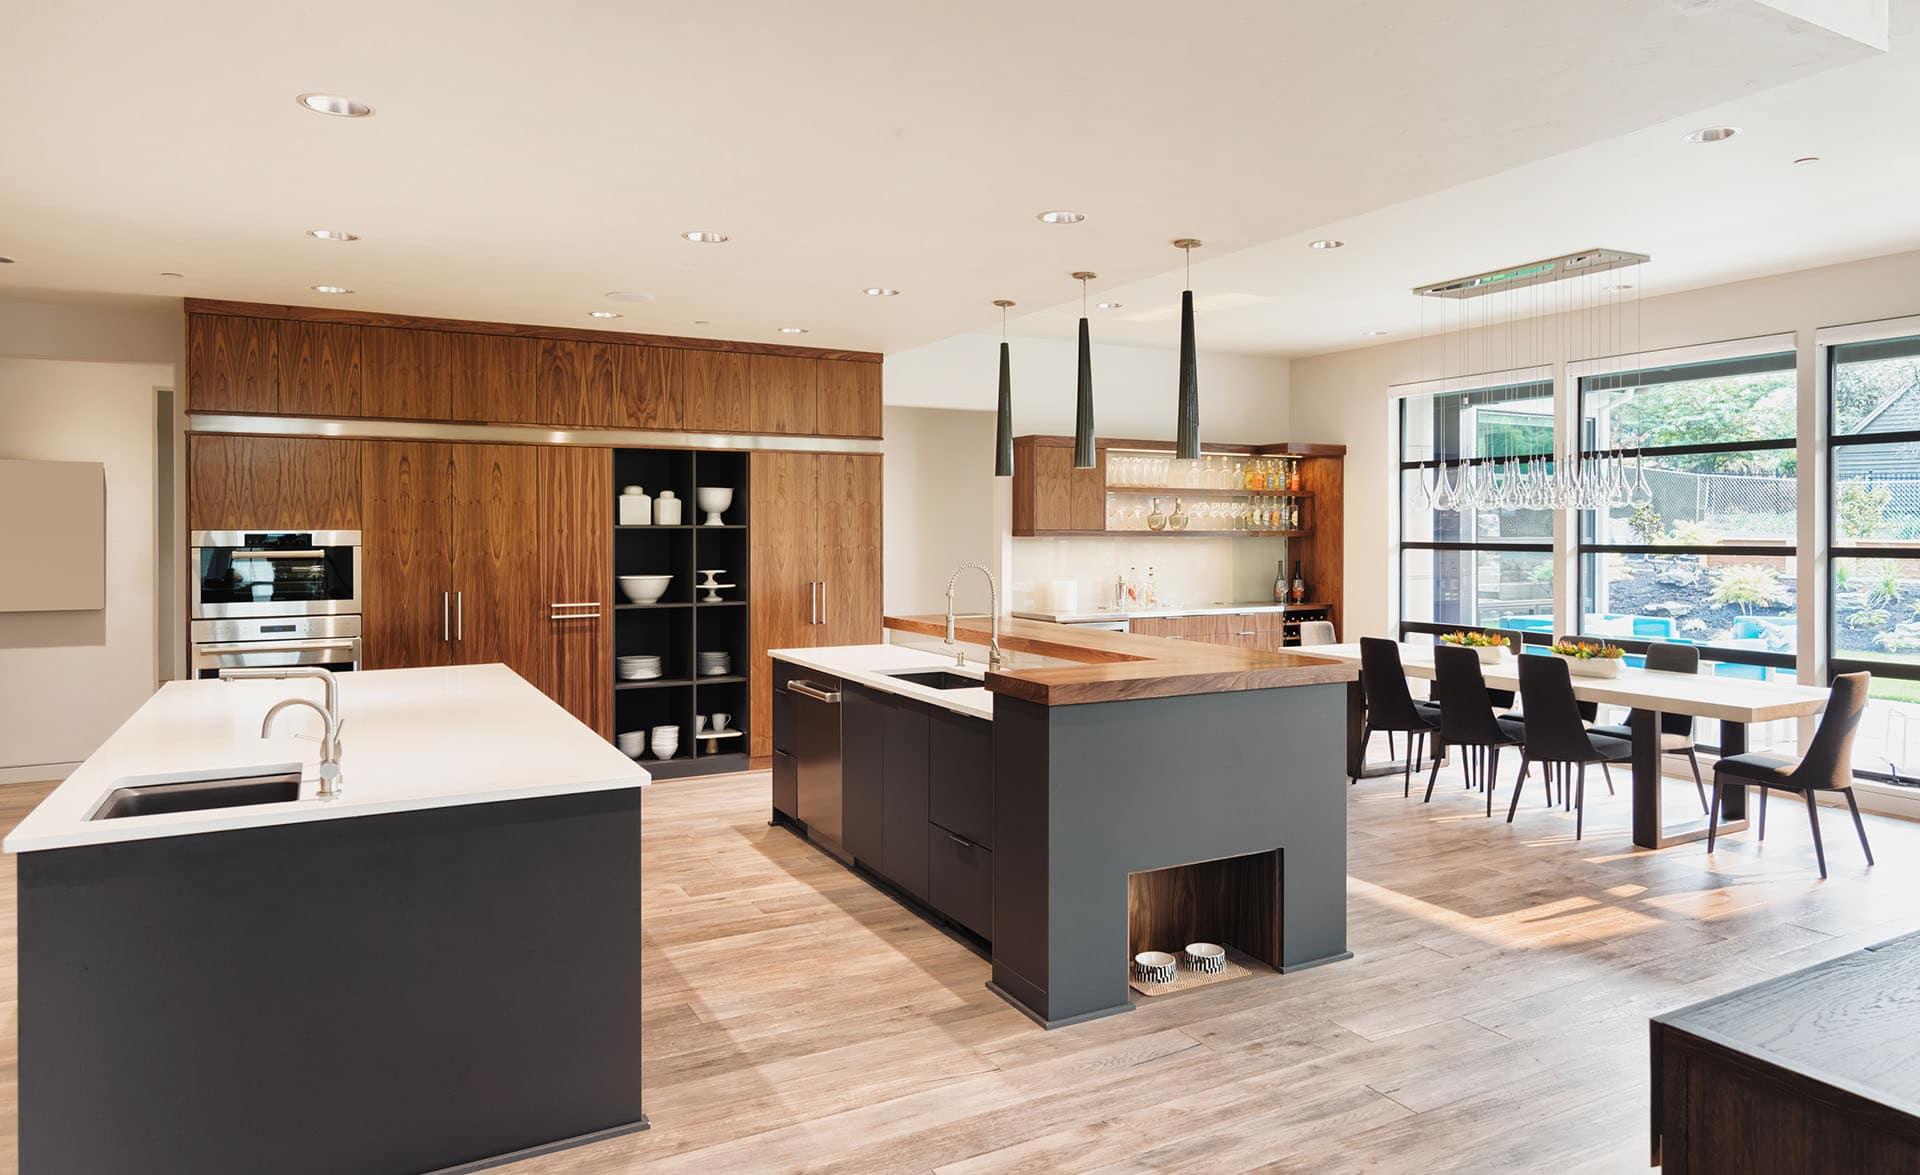 Full Size of Skandinavische Küche Einrichten Küche Einrichten Mit Eckbank Dachgeschosswohnung Küche Einrichten Kleine Küche Einrichten Küche Küche Einrichten